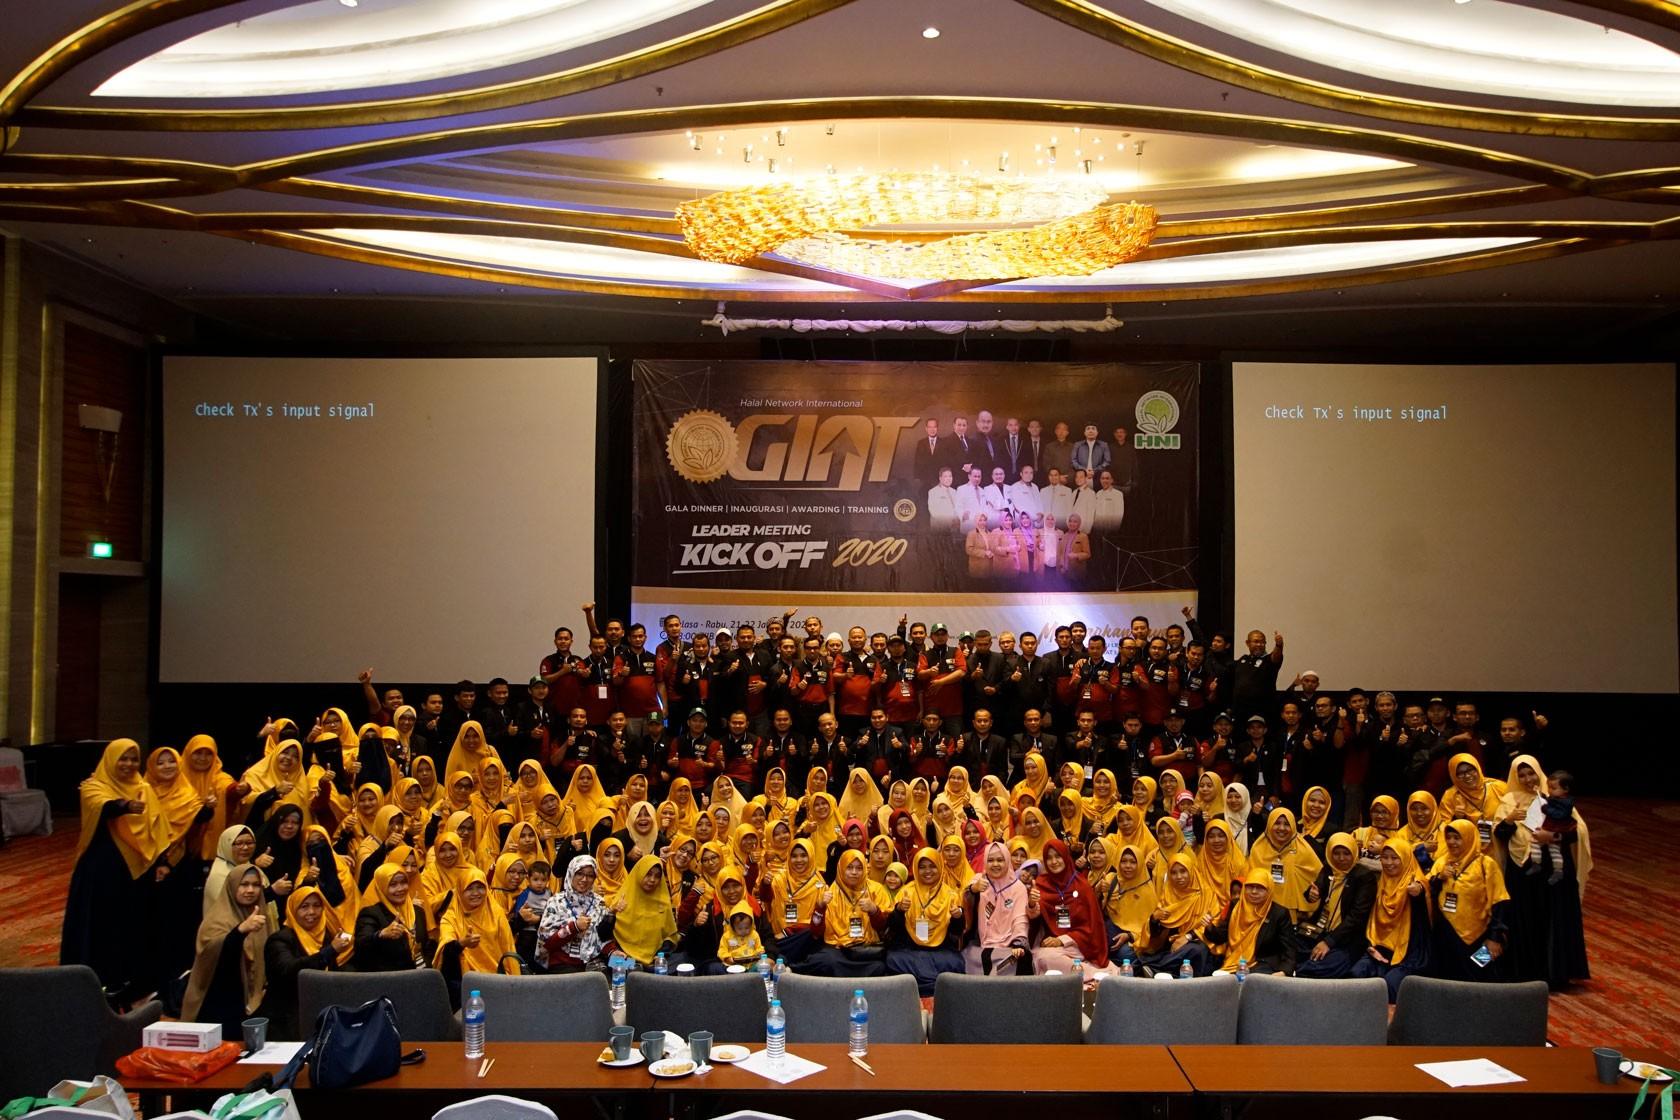 Leaders Meeting 2020